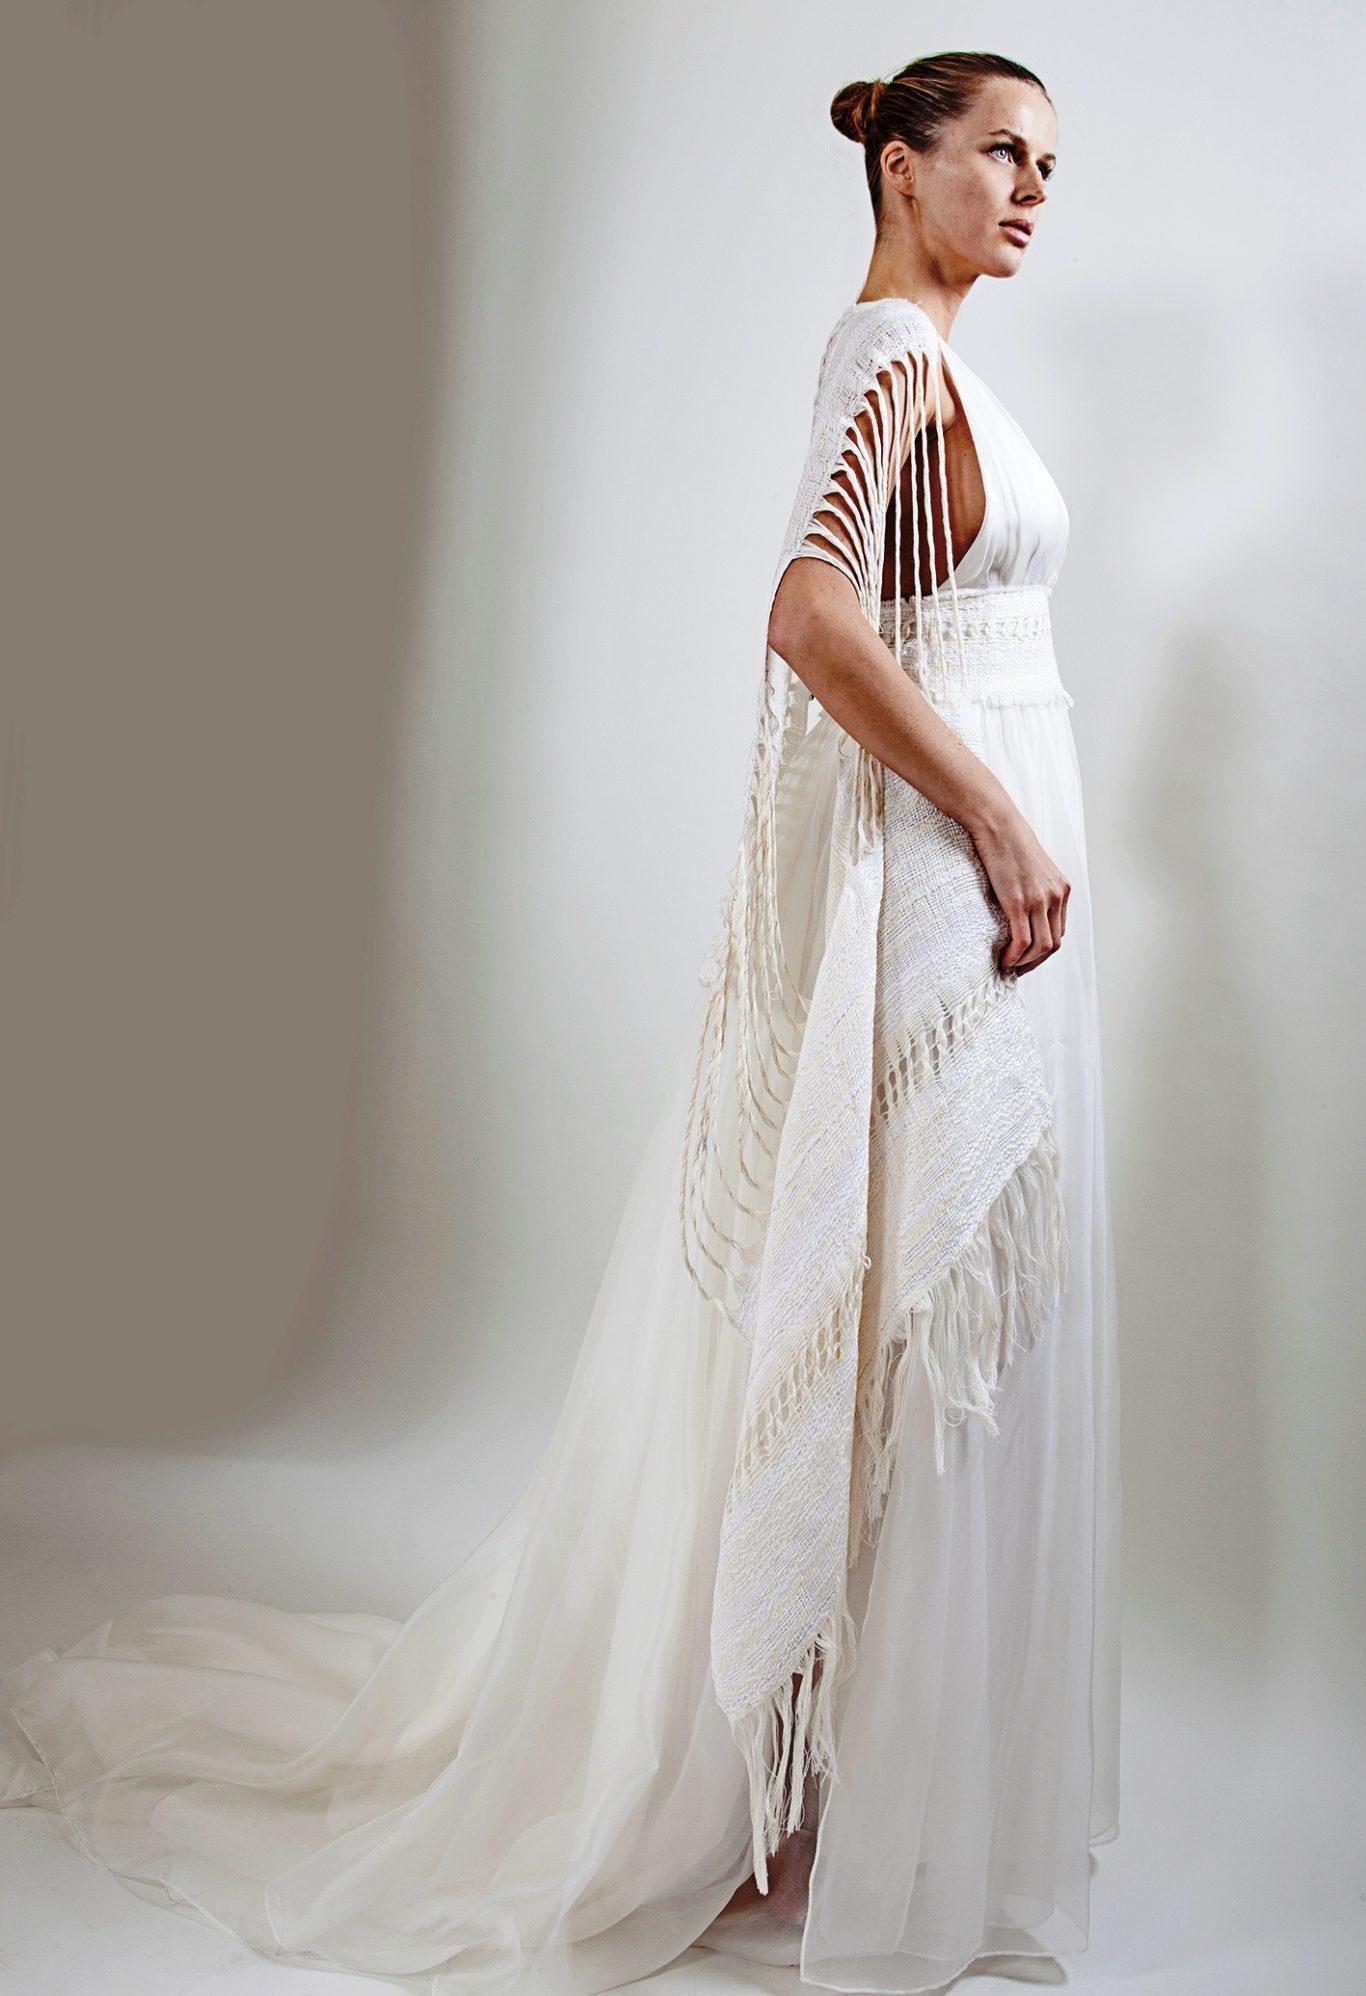 5a4de20eddef CANGIARI per Fashion Revolution  l abito da sposa si trasforma ...